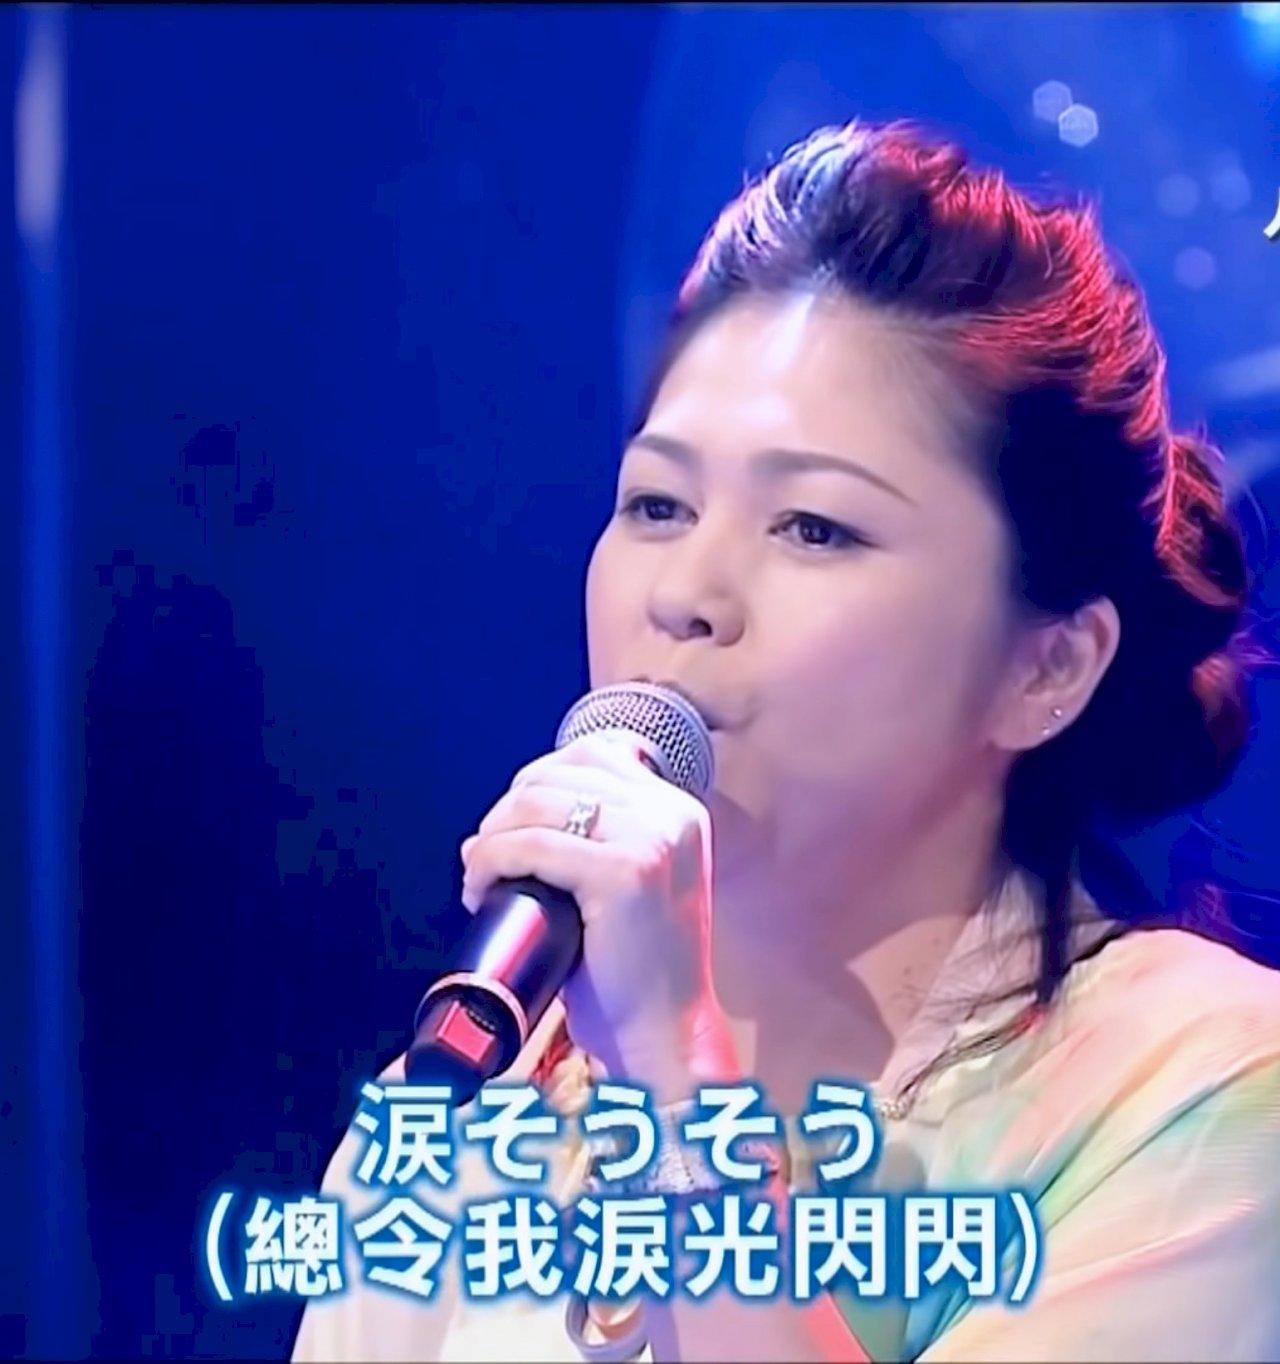 與台灣關係特別的夏川里美